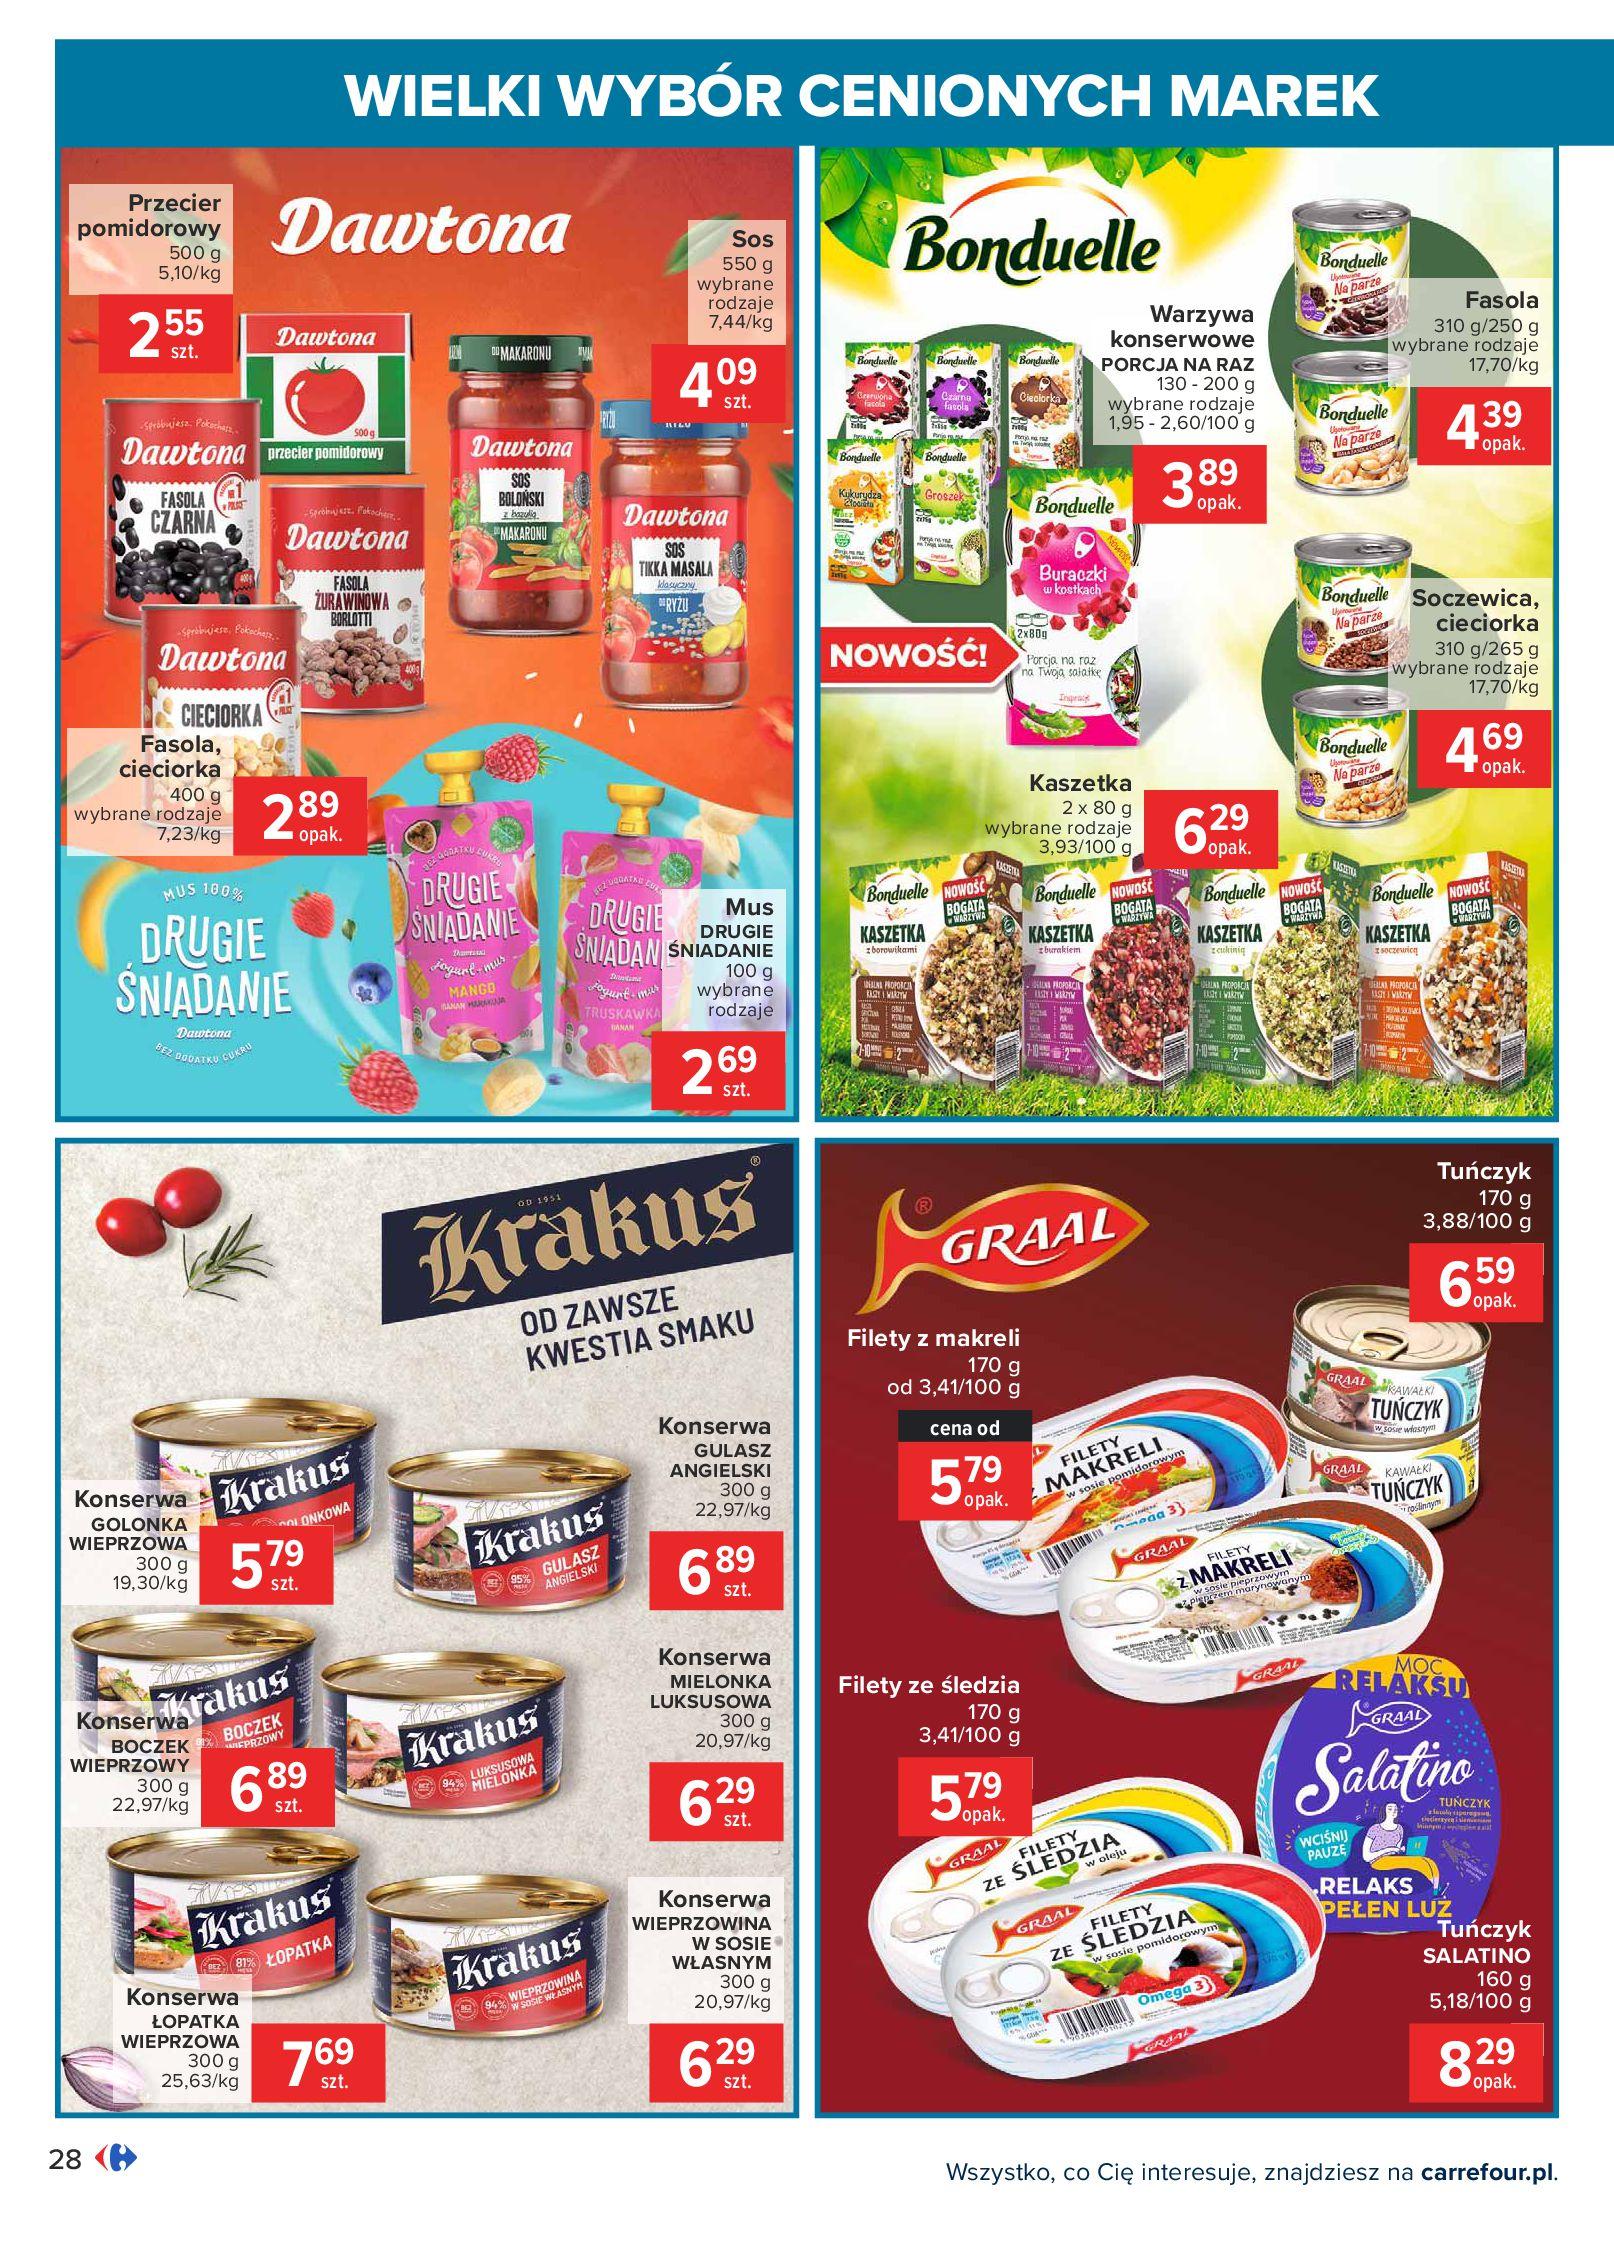 Gazetka Carrefour: Wielki wybór cenionych marek 2021-05-04 page-28